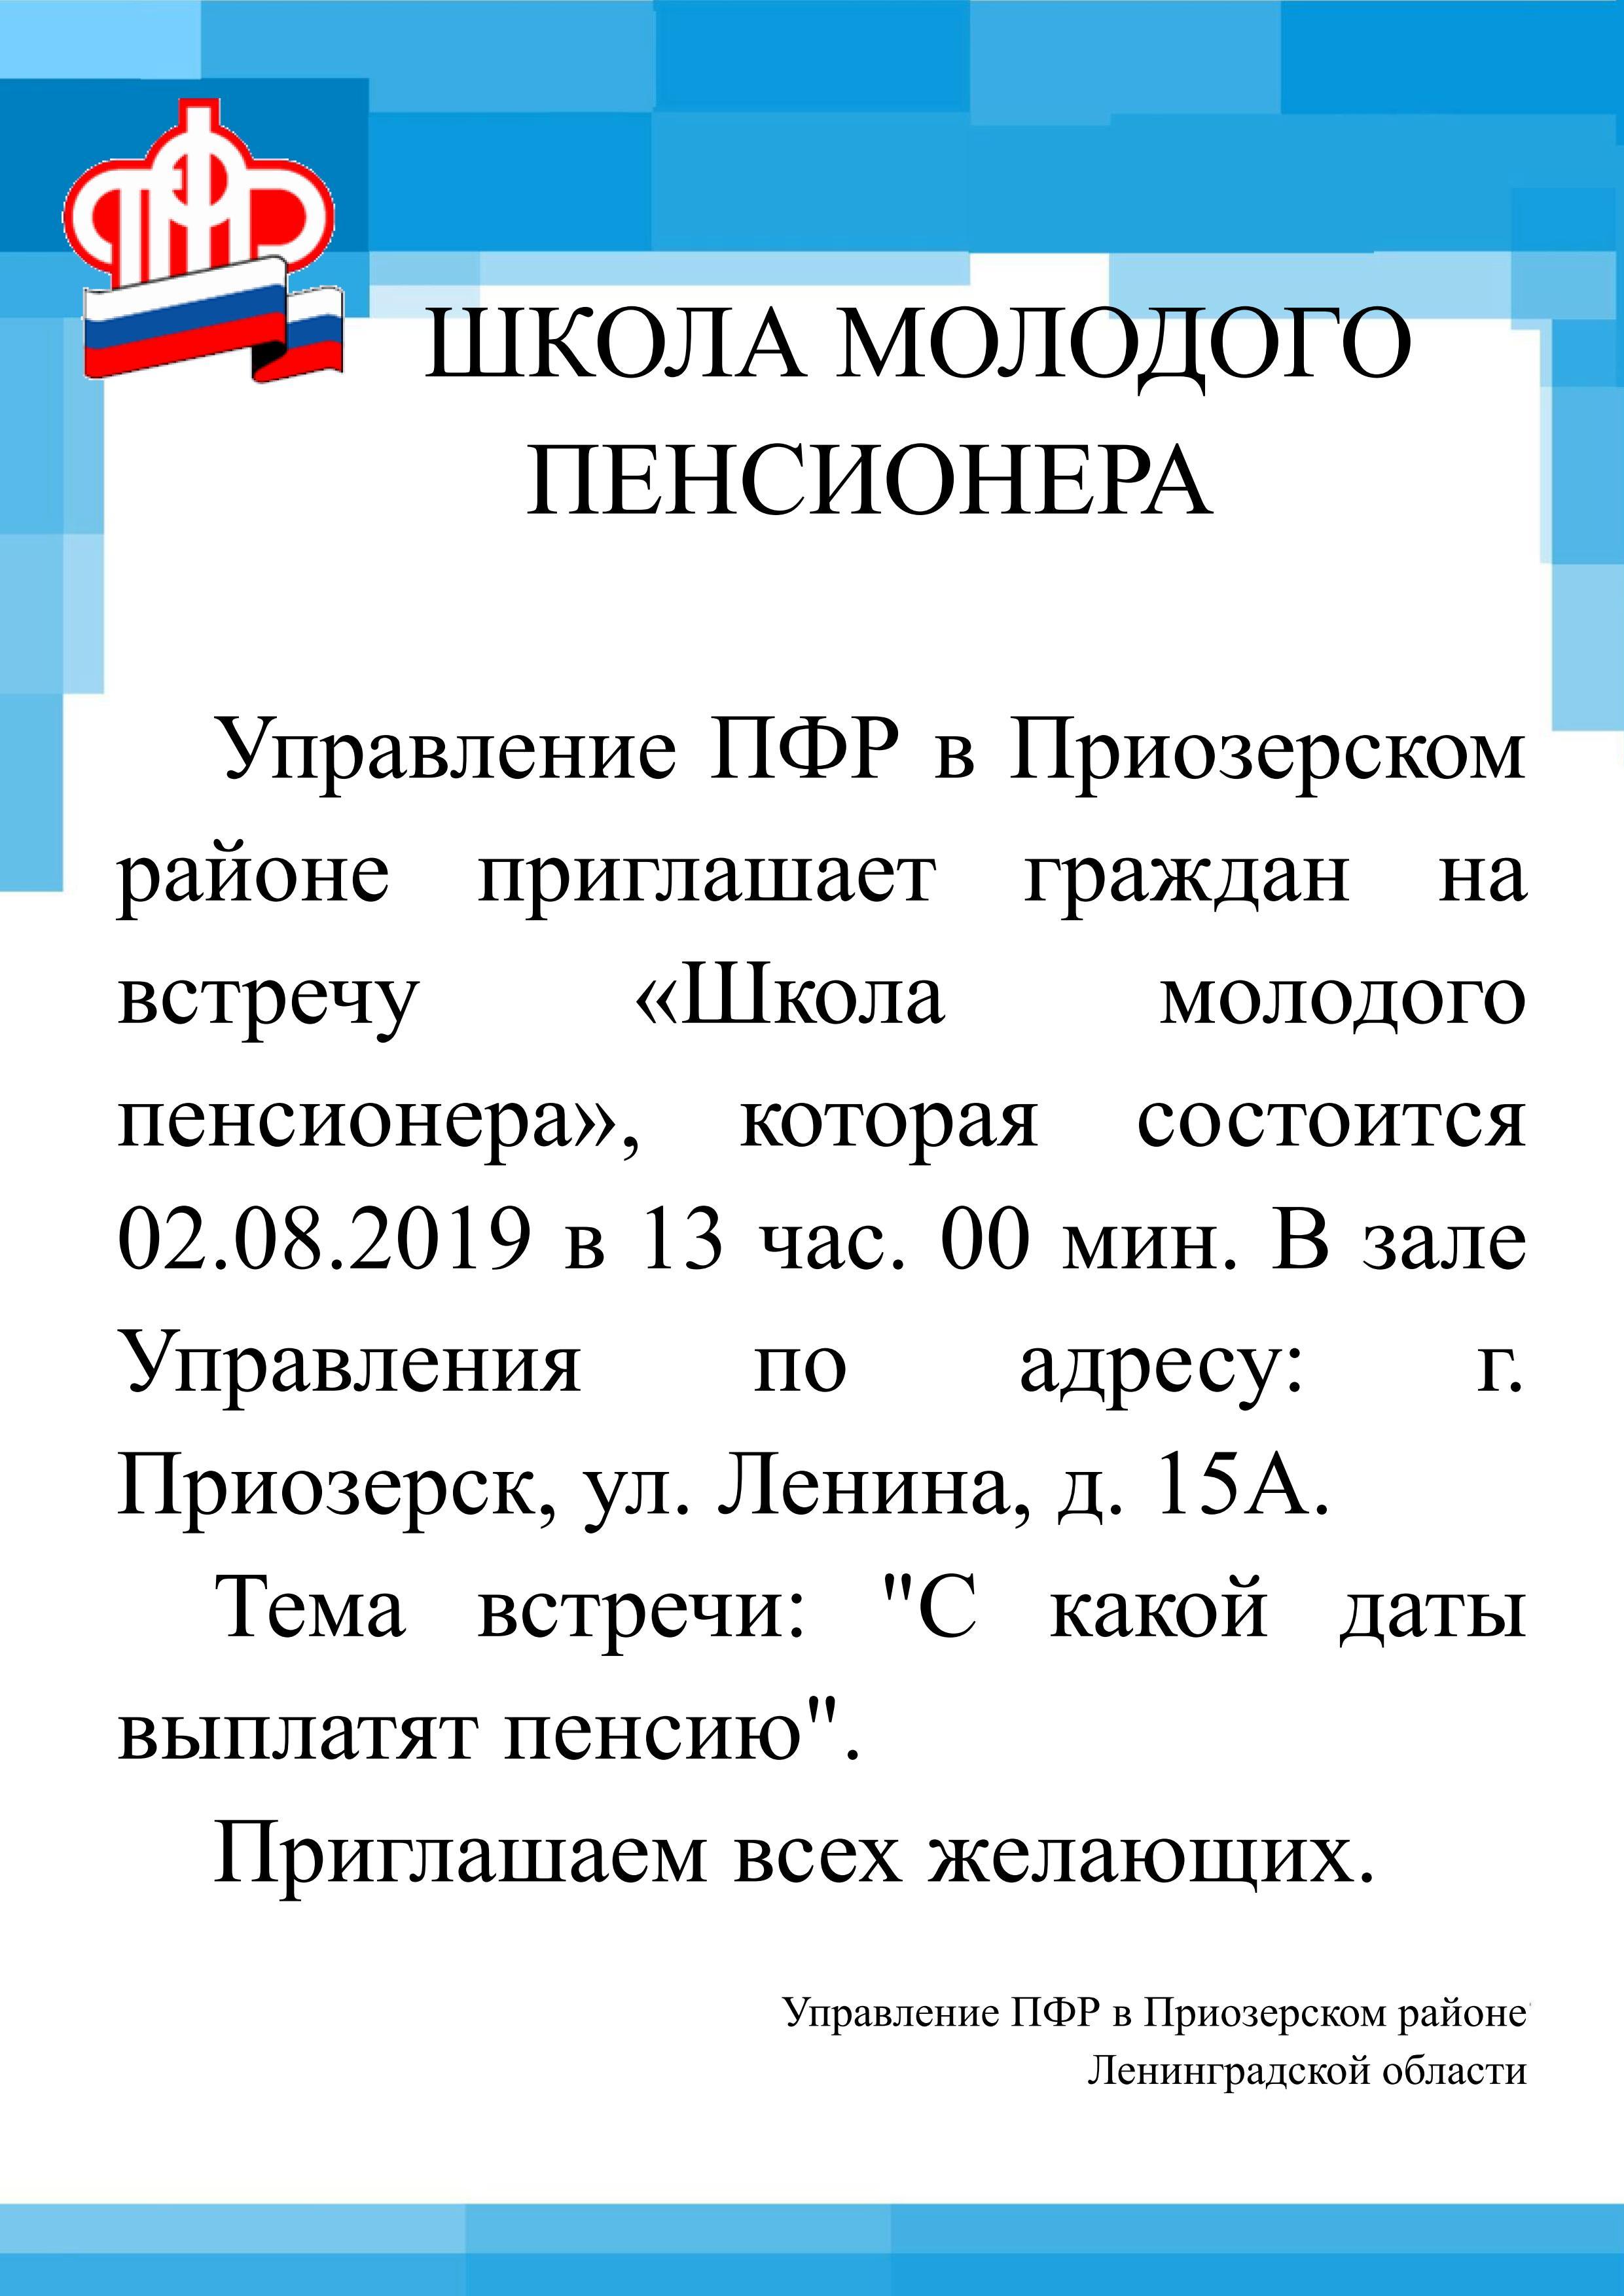 ШКОЛА МОЛОДОГО ПЕНСИОНЕРА 0208_01